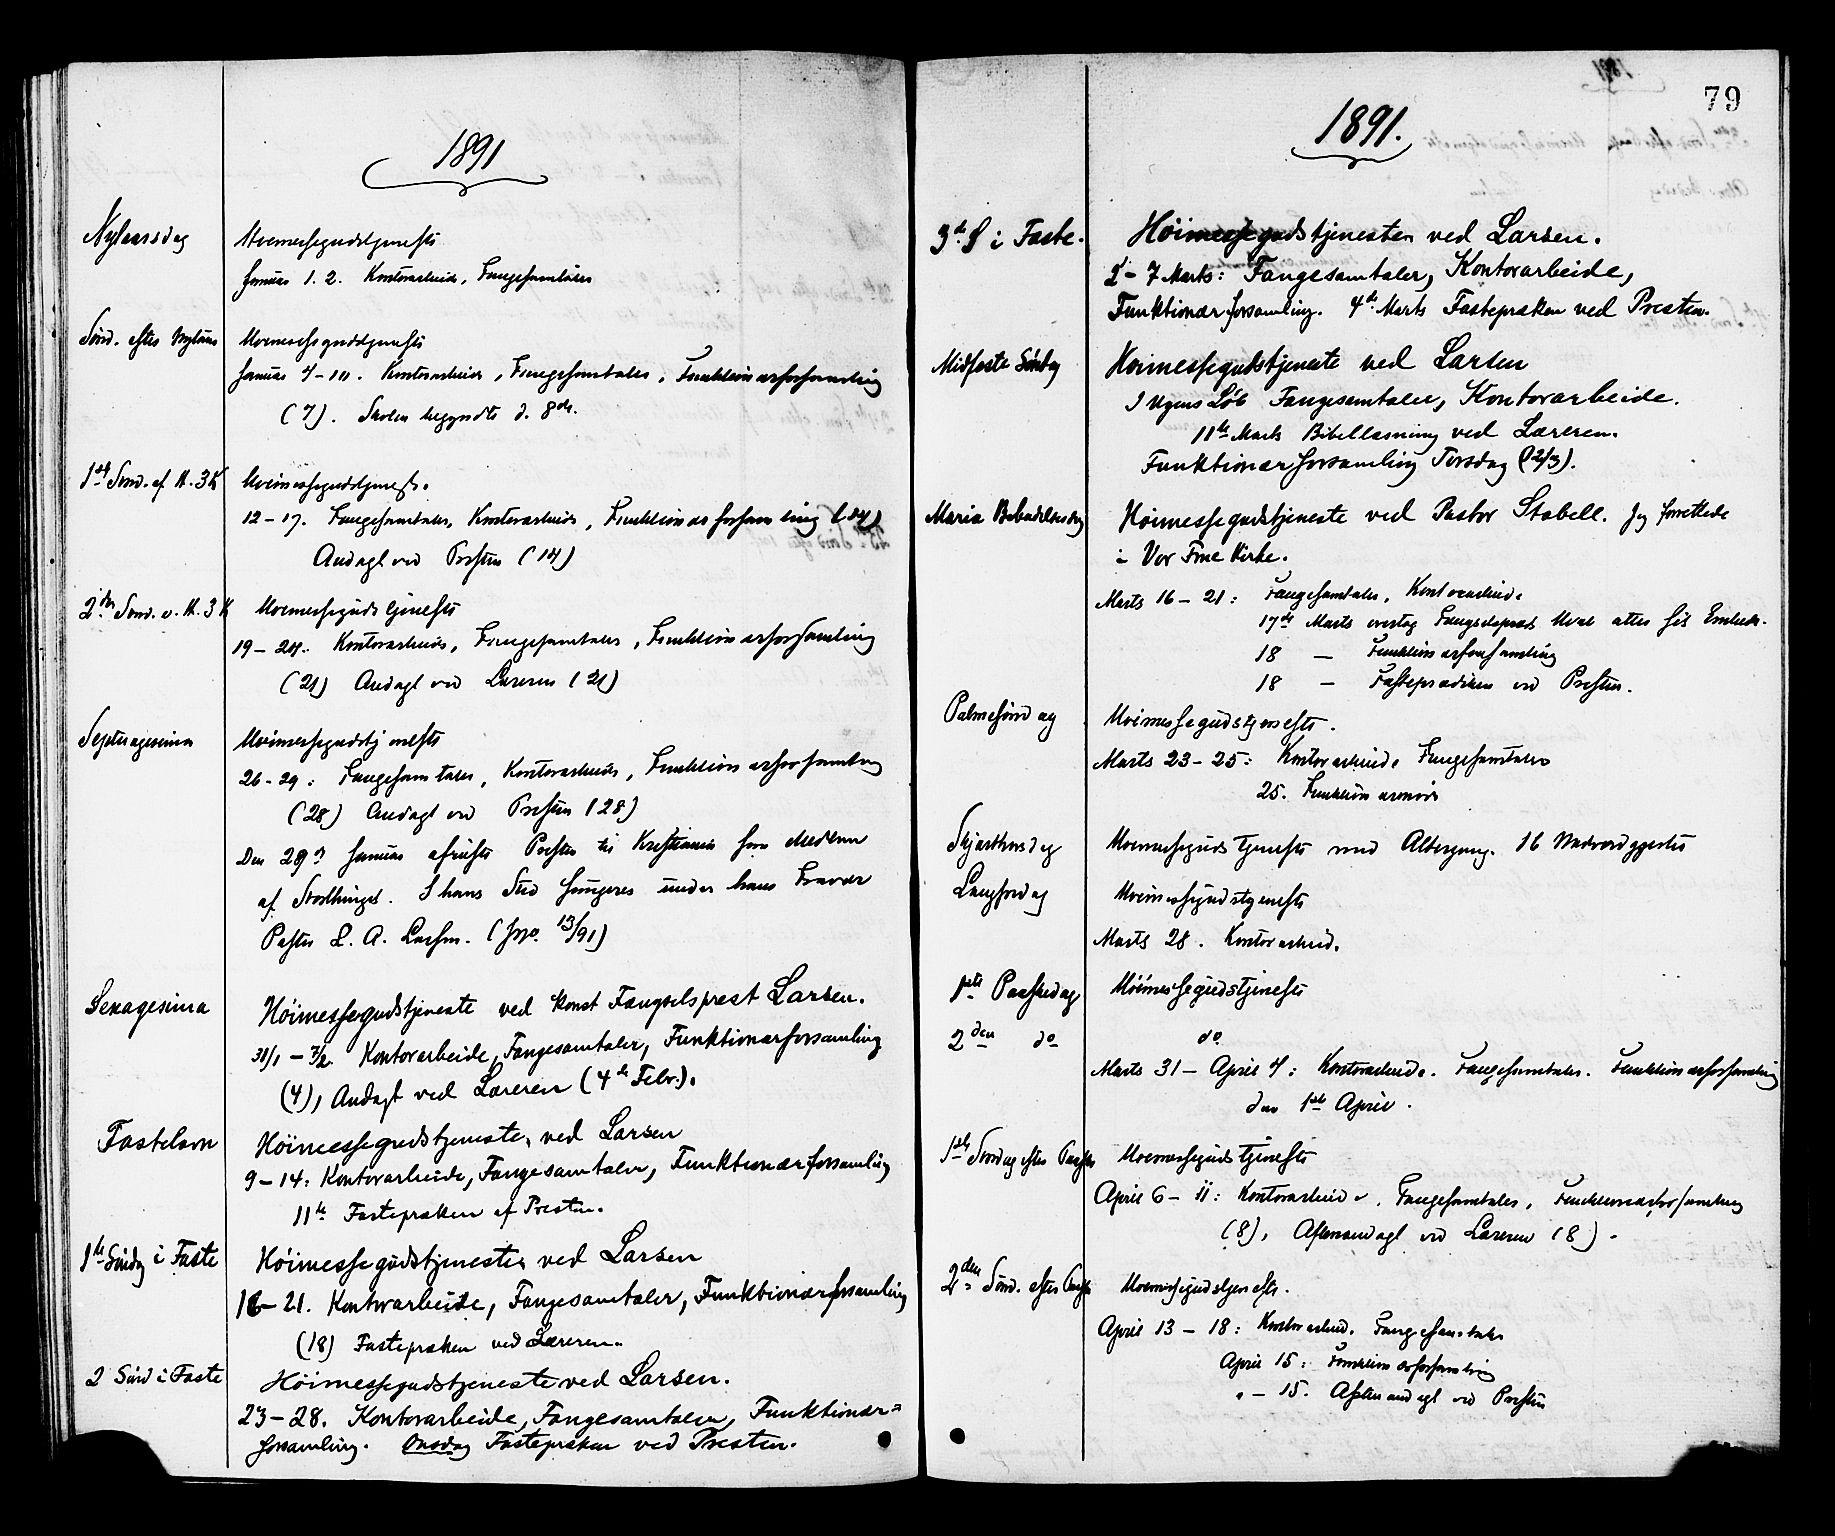 SAT, Ministerialprotokoller, klokkerbøker og fødselsregistre - Sør-Trøndelag, 624/L0482: Ministerialbok nr. 624A03, 1870-1918, s. 79